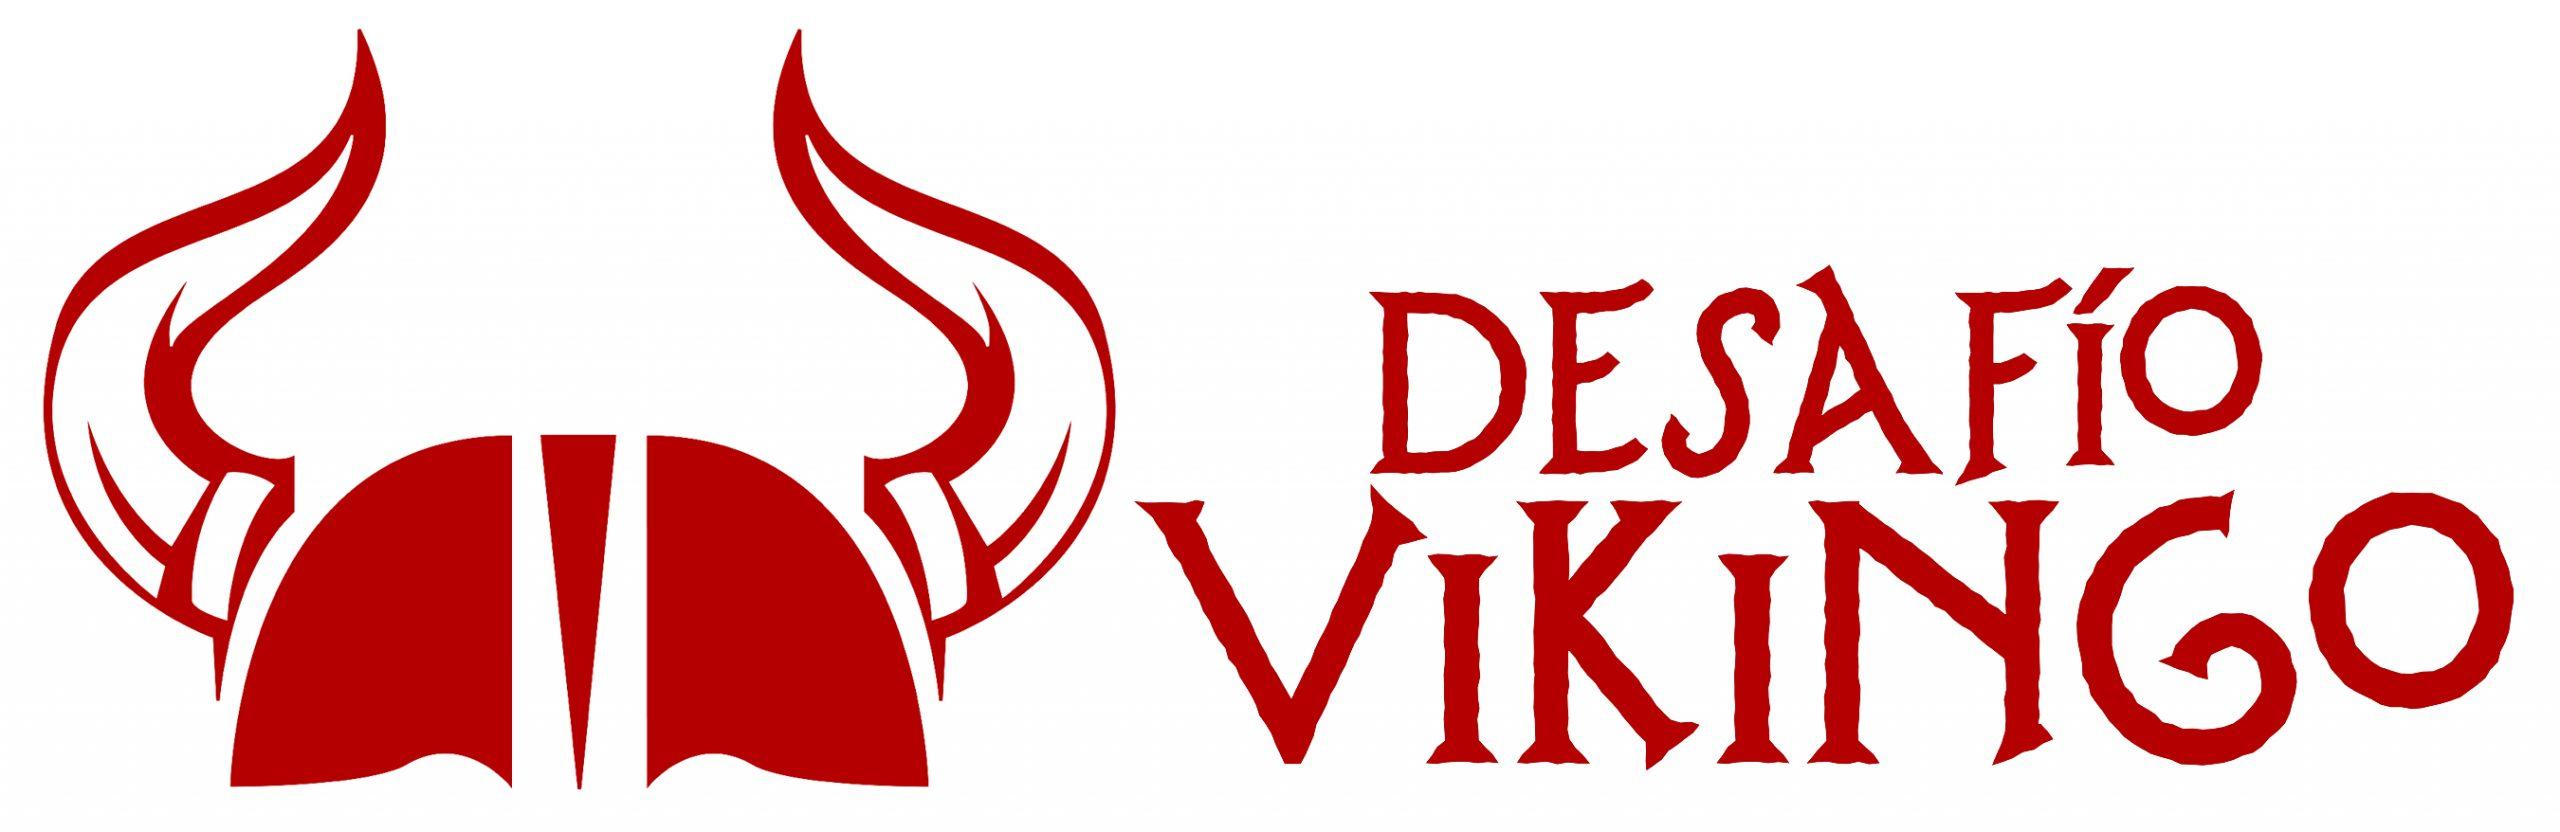 Desafío Vikingo